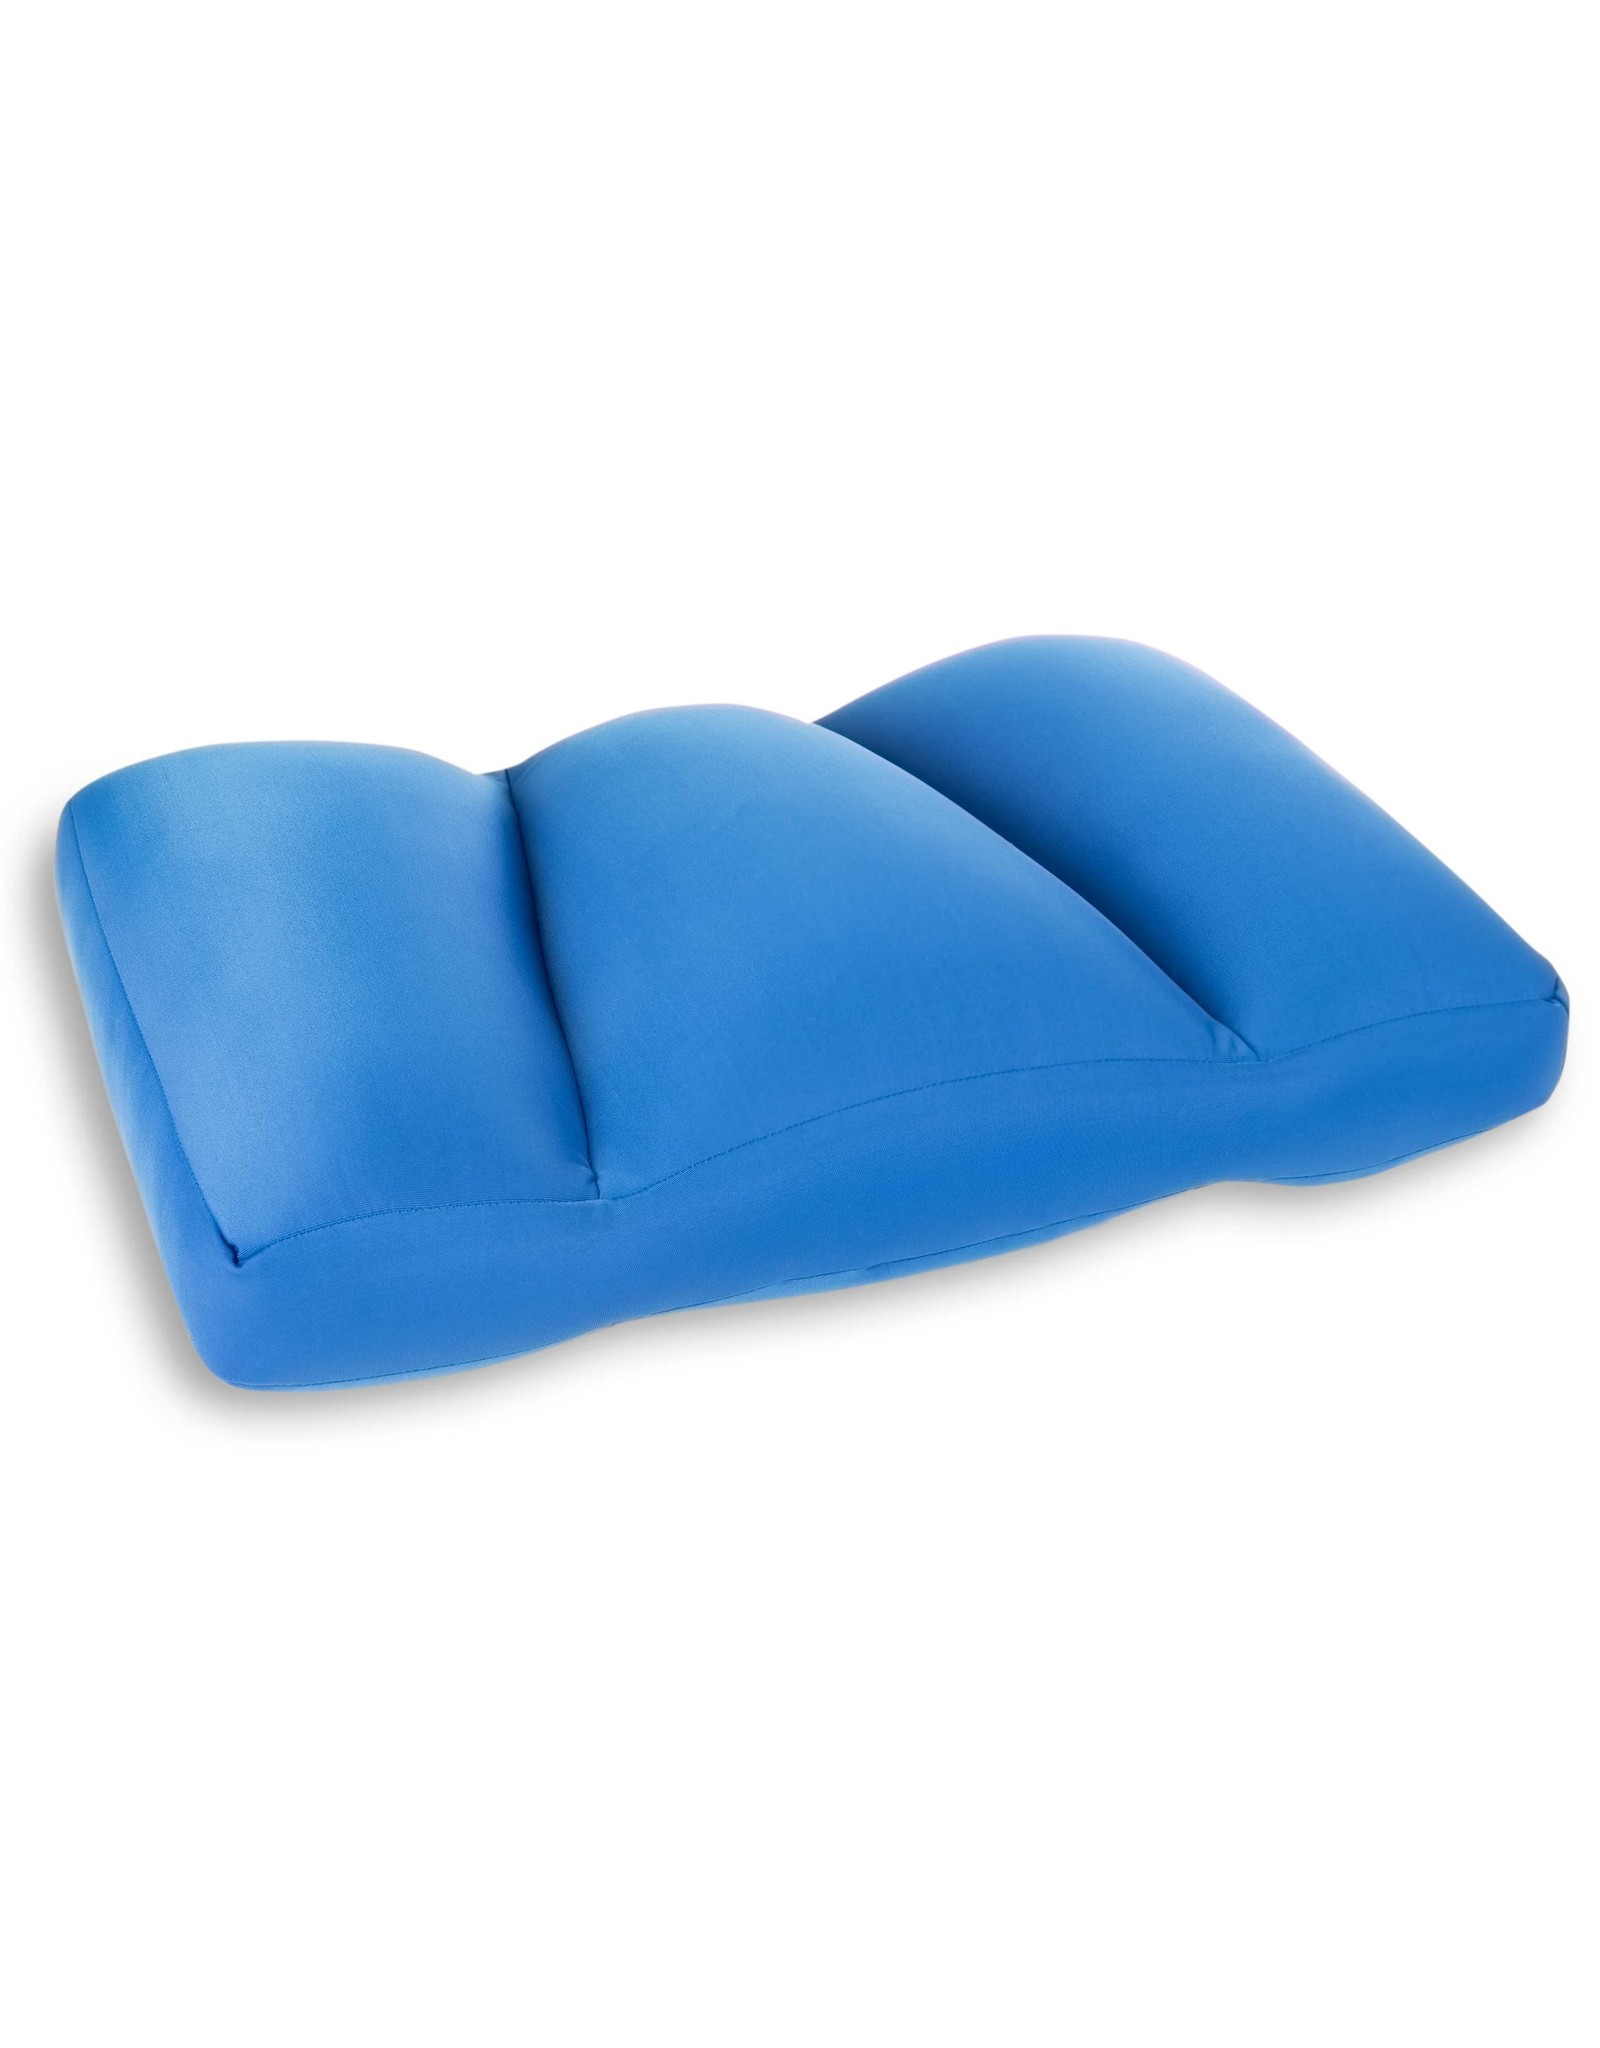 Kuschel-Maxx Kuschel-Maxx - Sleeppillow Blue